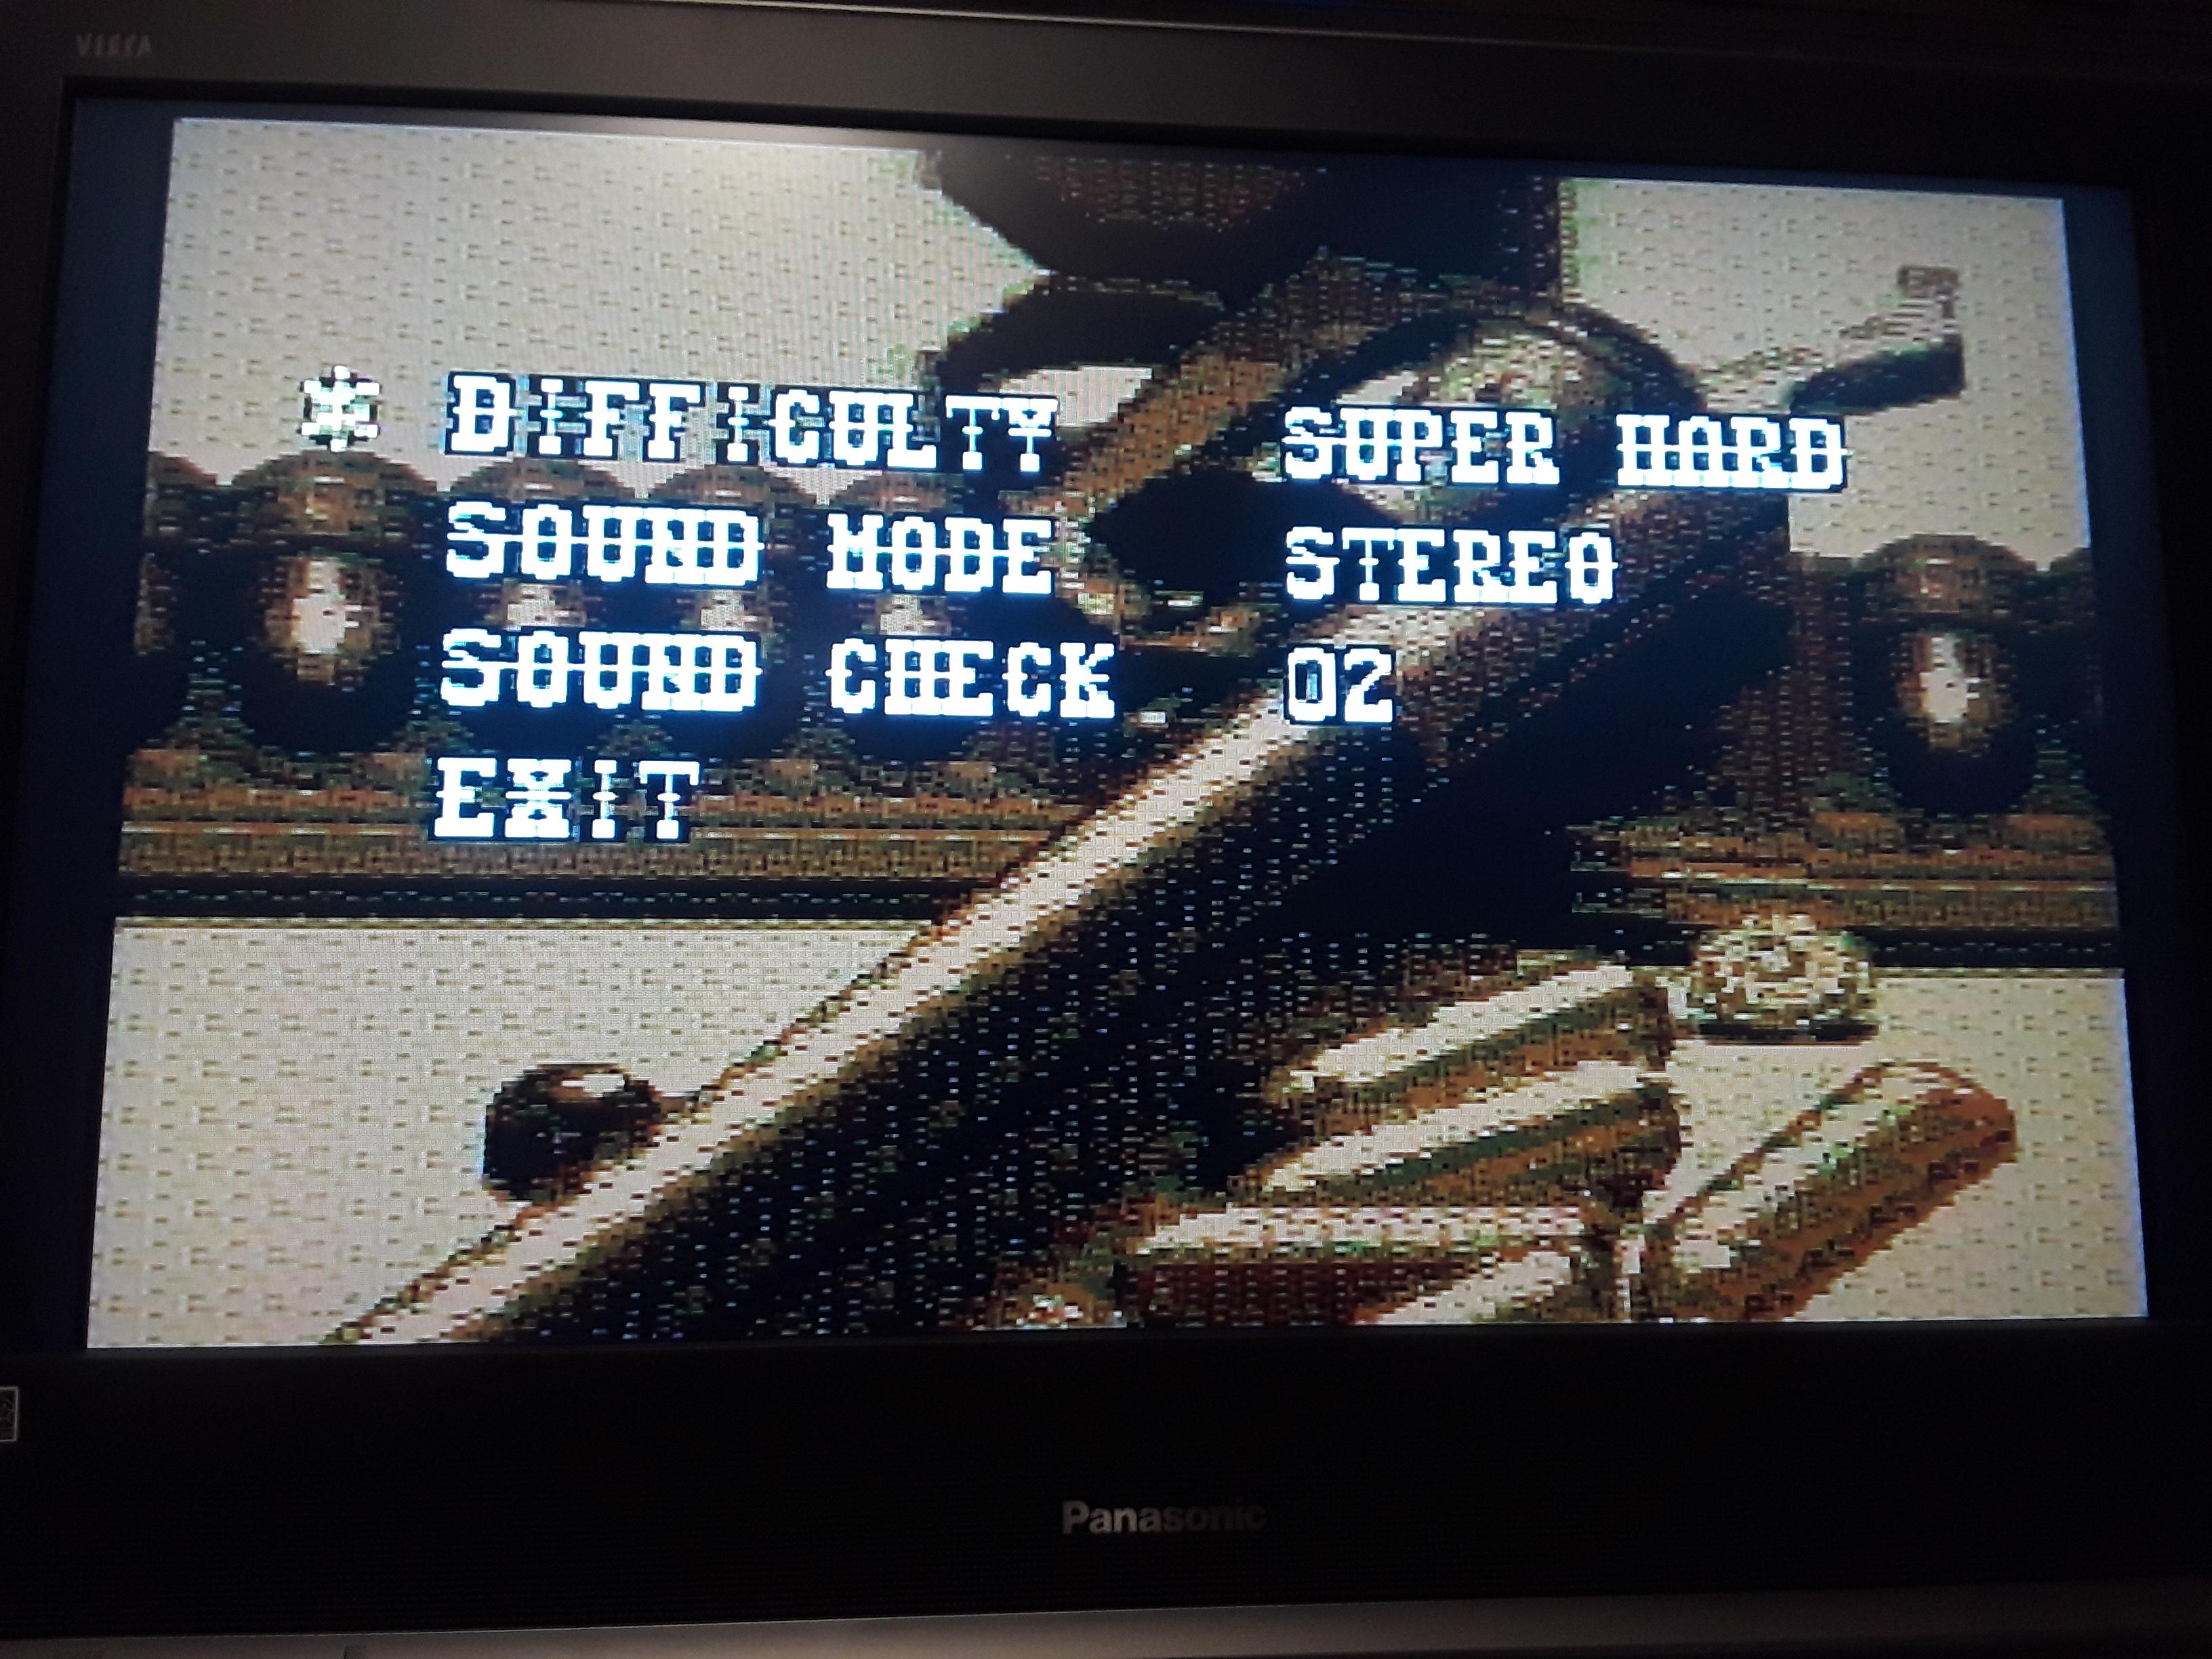 JML101582: Lethal Enforcers II: Gun Fighters [Super Hard] (Sega Genesis / MegaDrive Emulated) 128 points on 2019-02-24 12:13:21